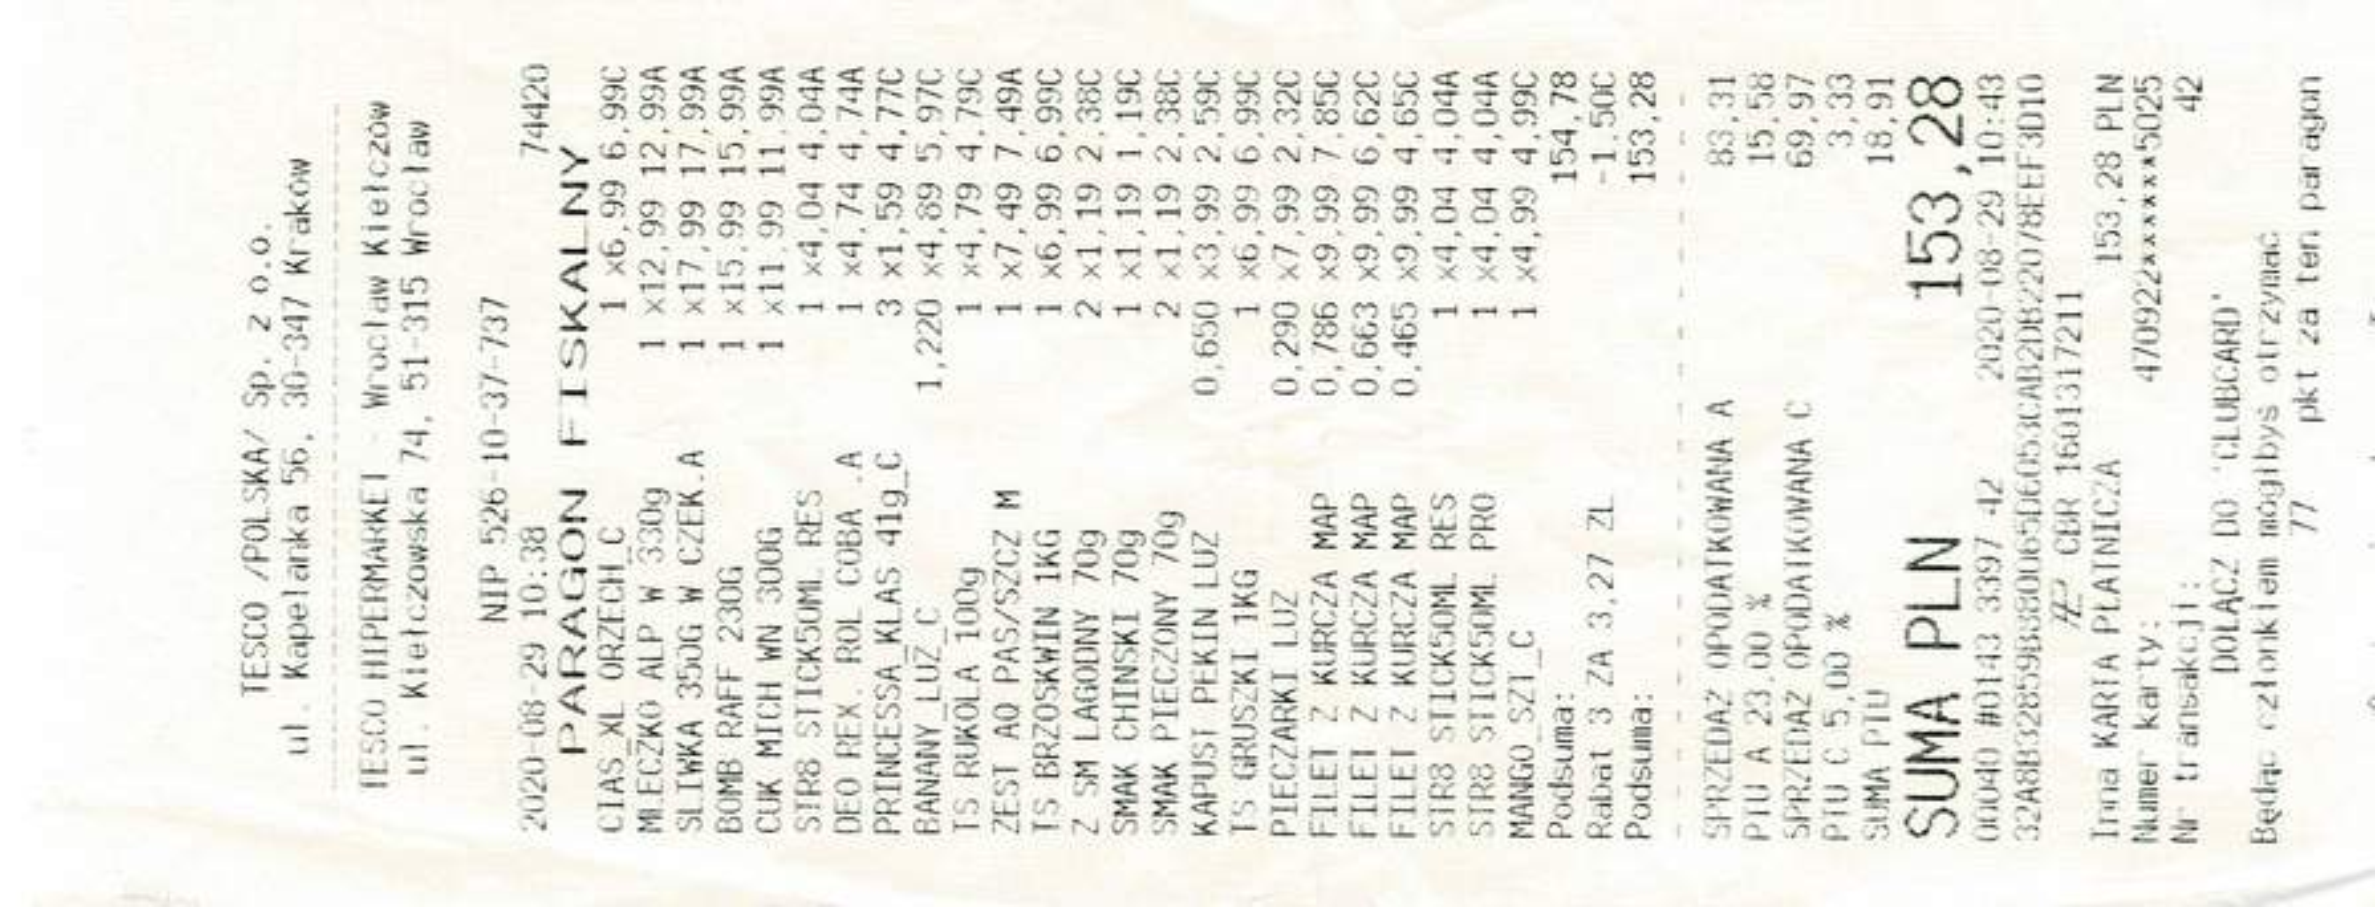 294197.jpg